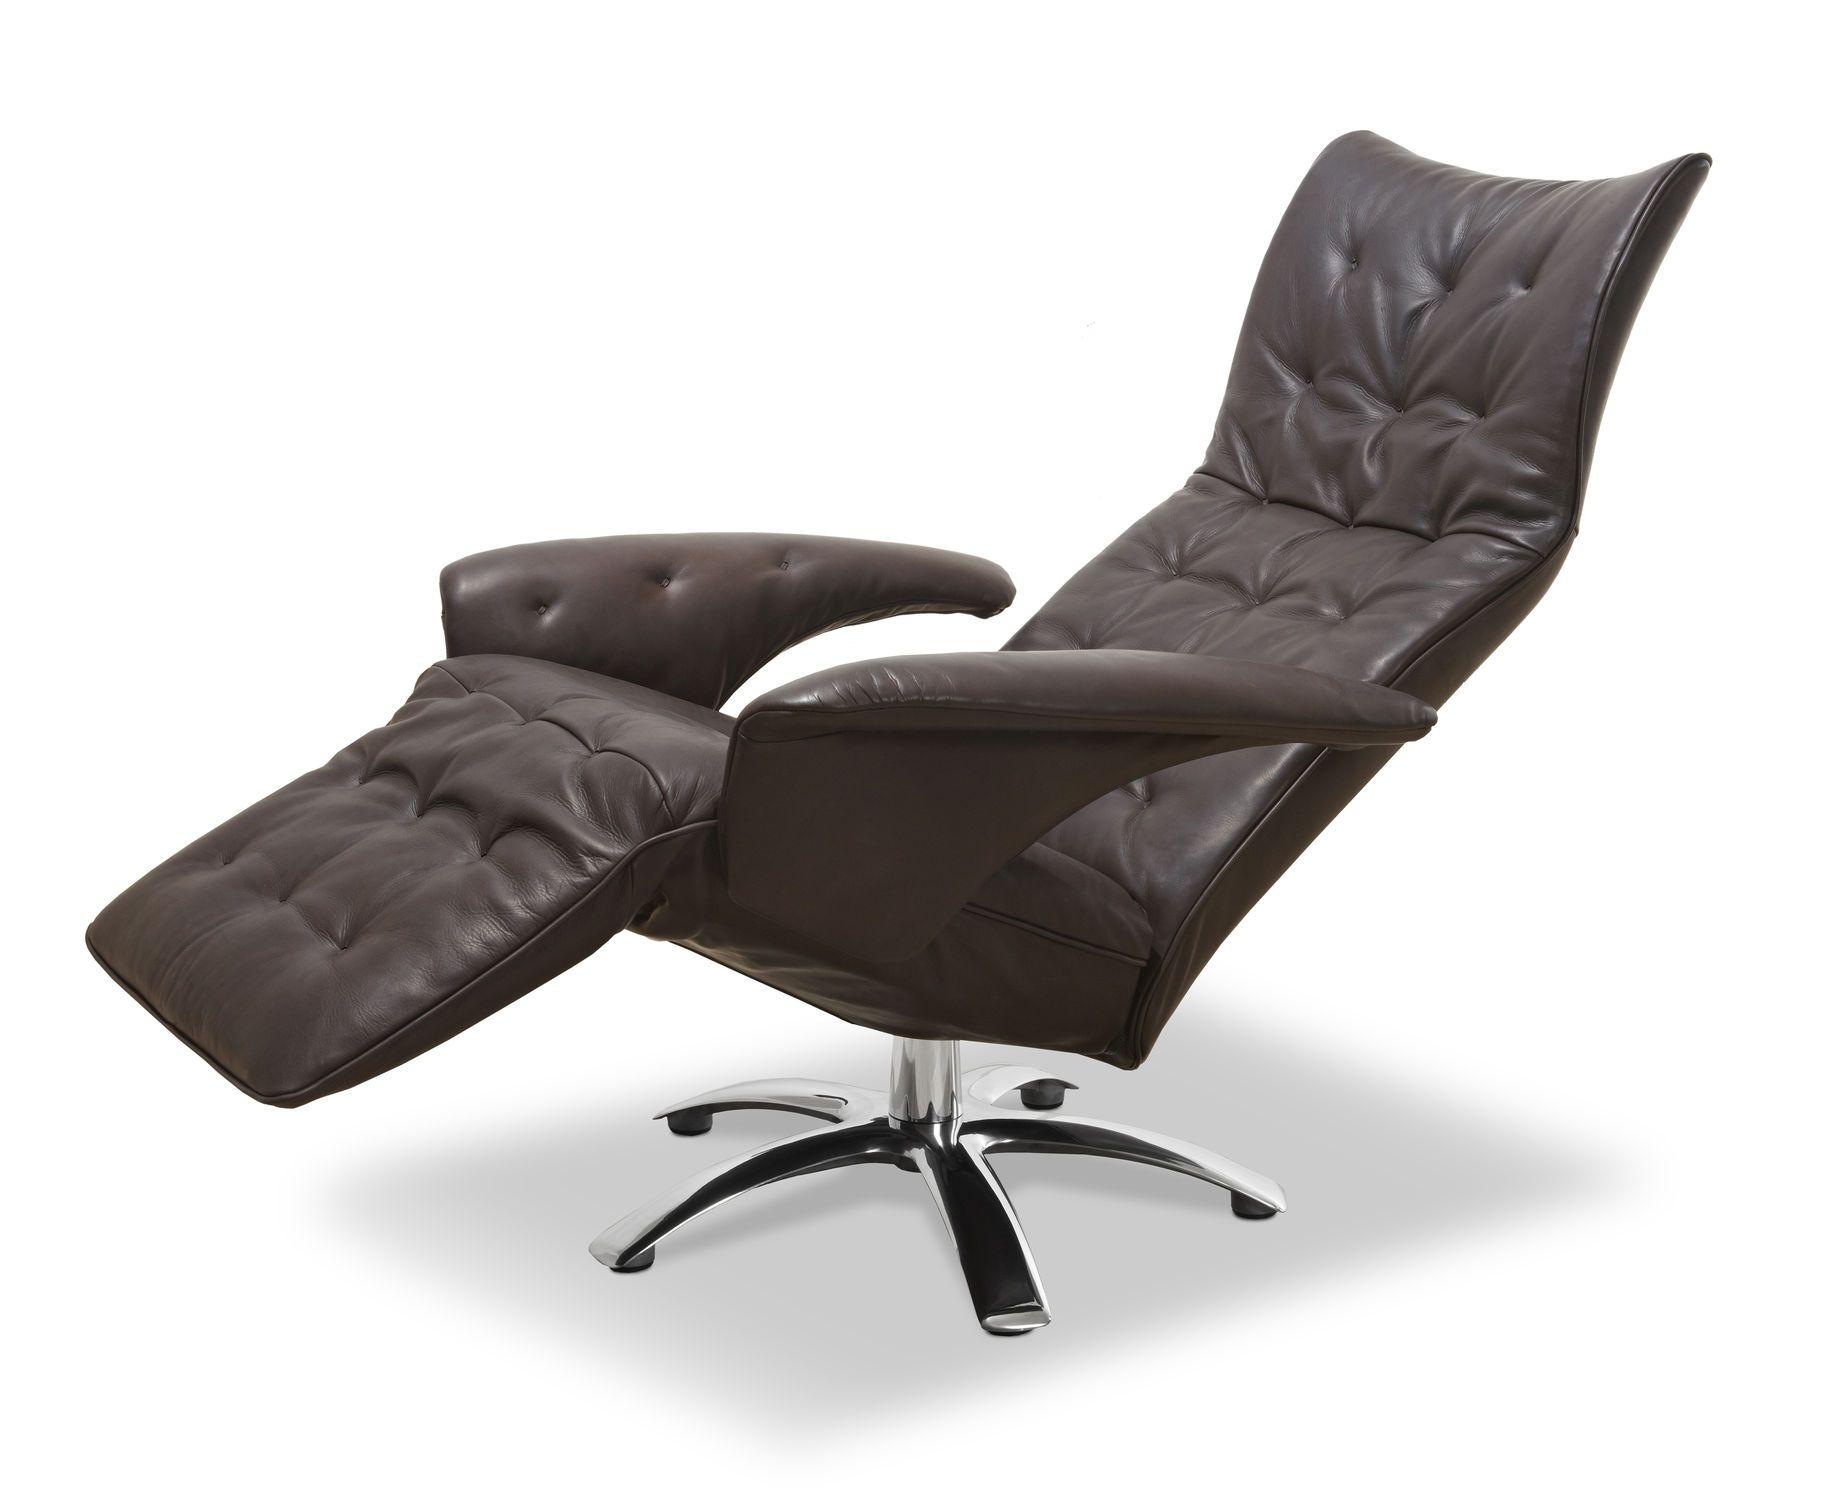 dark brown leather recliner chair. furniture, modern recliner chair design with brown leather as swivel footrest ~ interesting dark